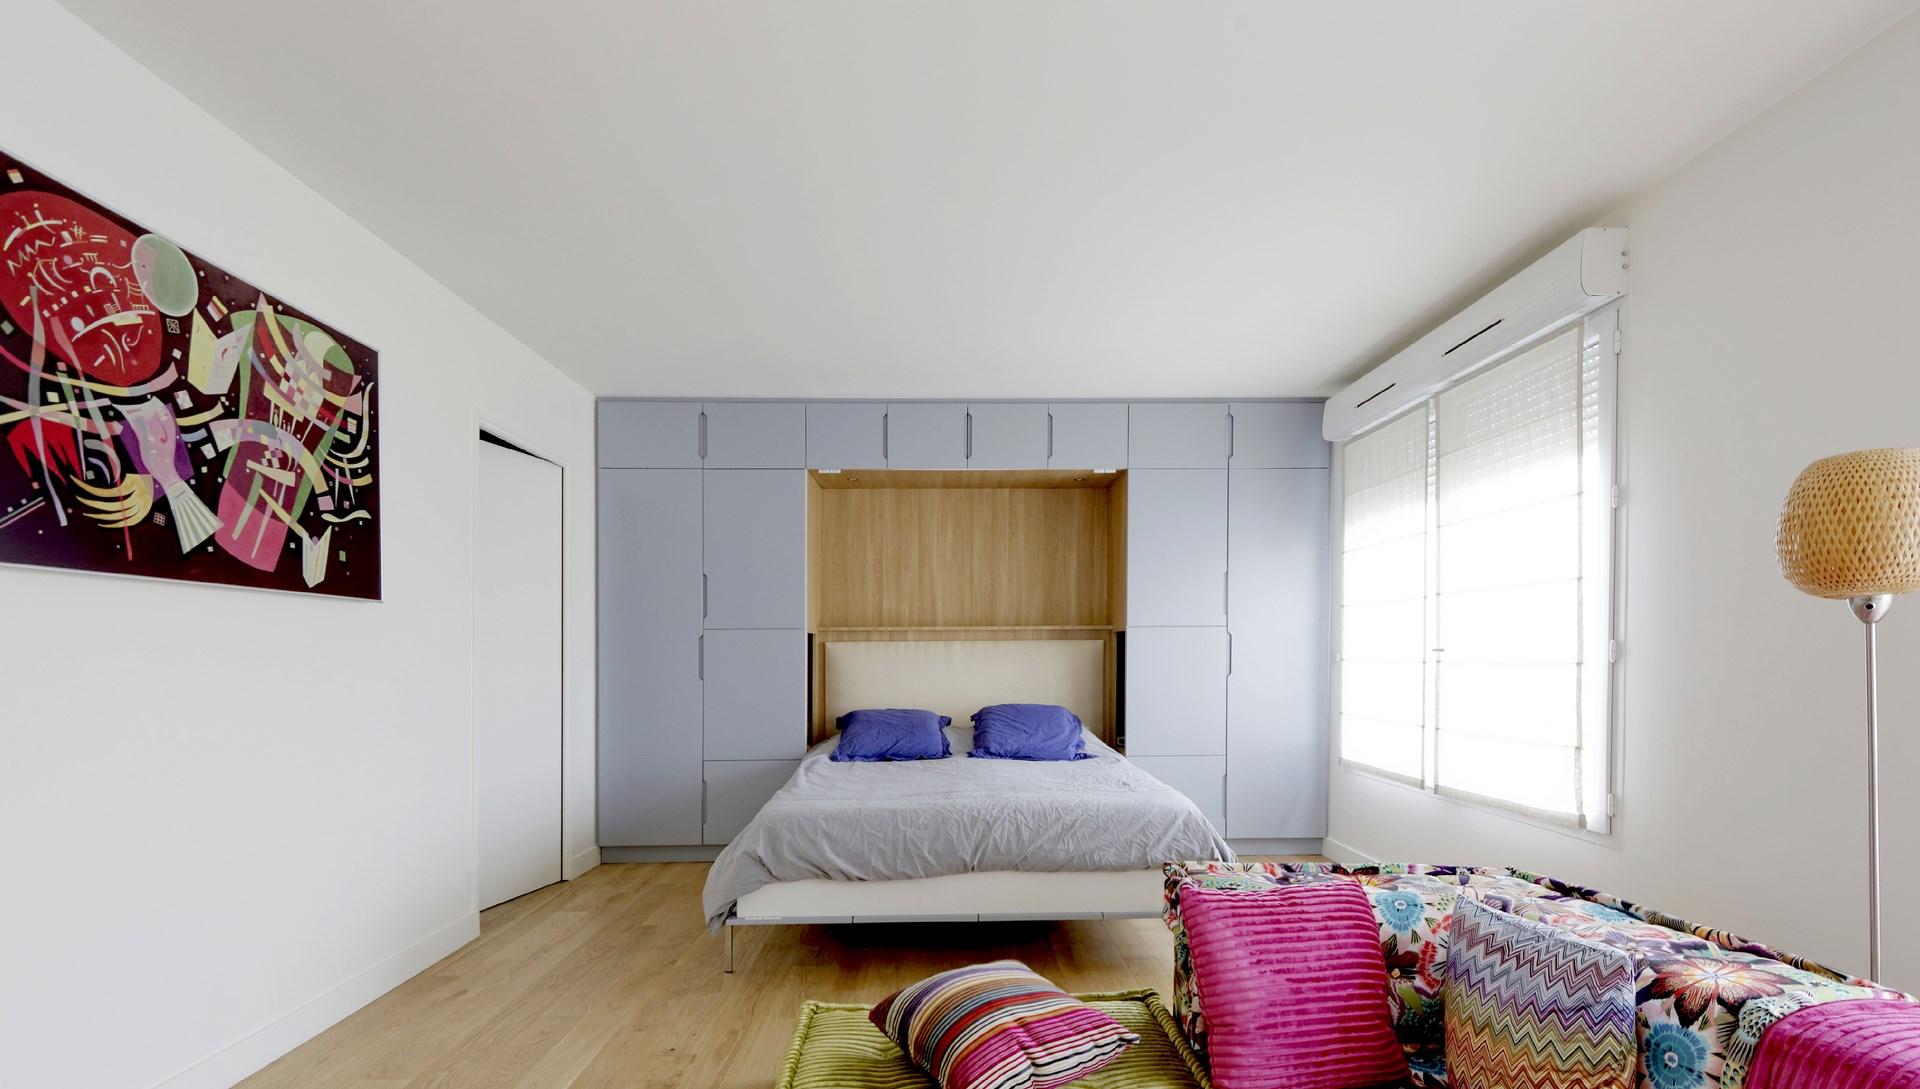 lit sur mesure rabattable meuble laque mat canape roche bobois mah jong agence avous